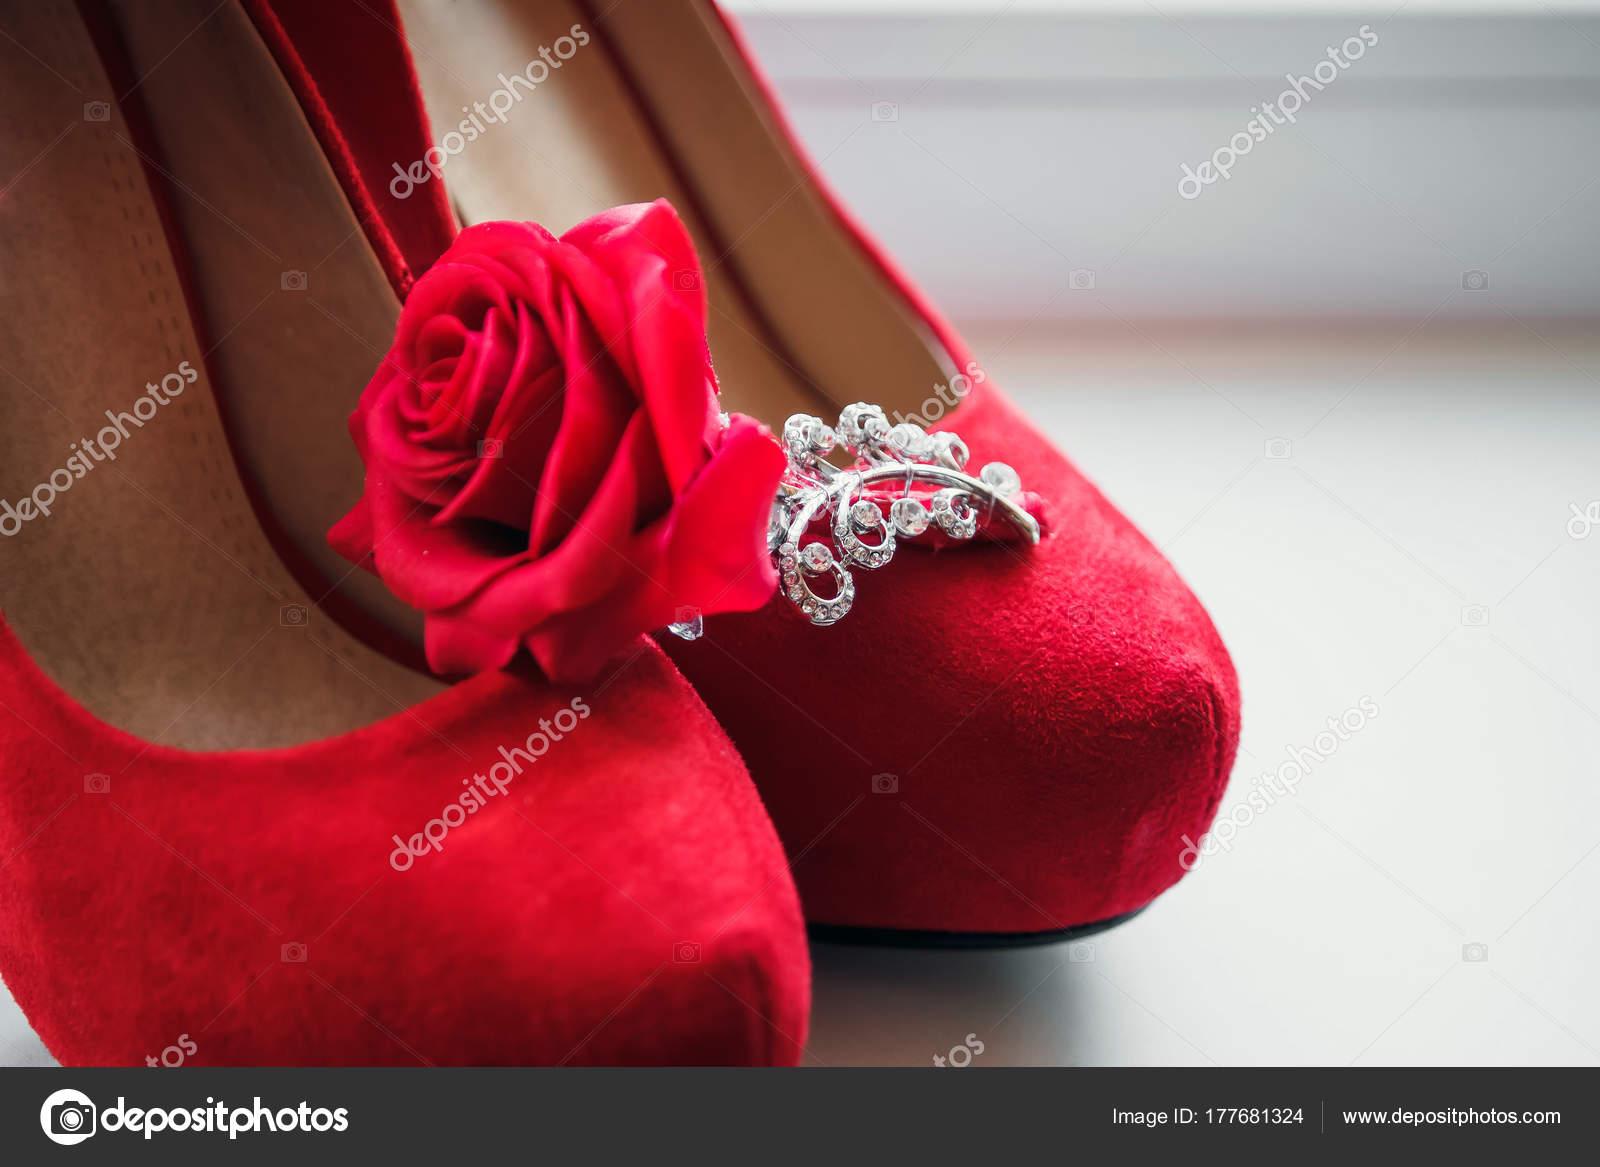 Червоний Жіноче Взуття Стояти Підвіконні Весілля Бутоньєрка — стокове фото 879e2f9450139